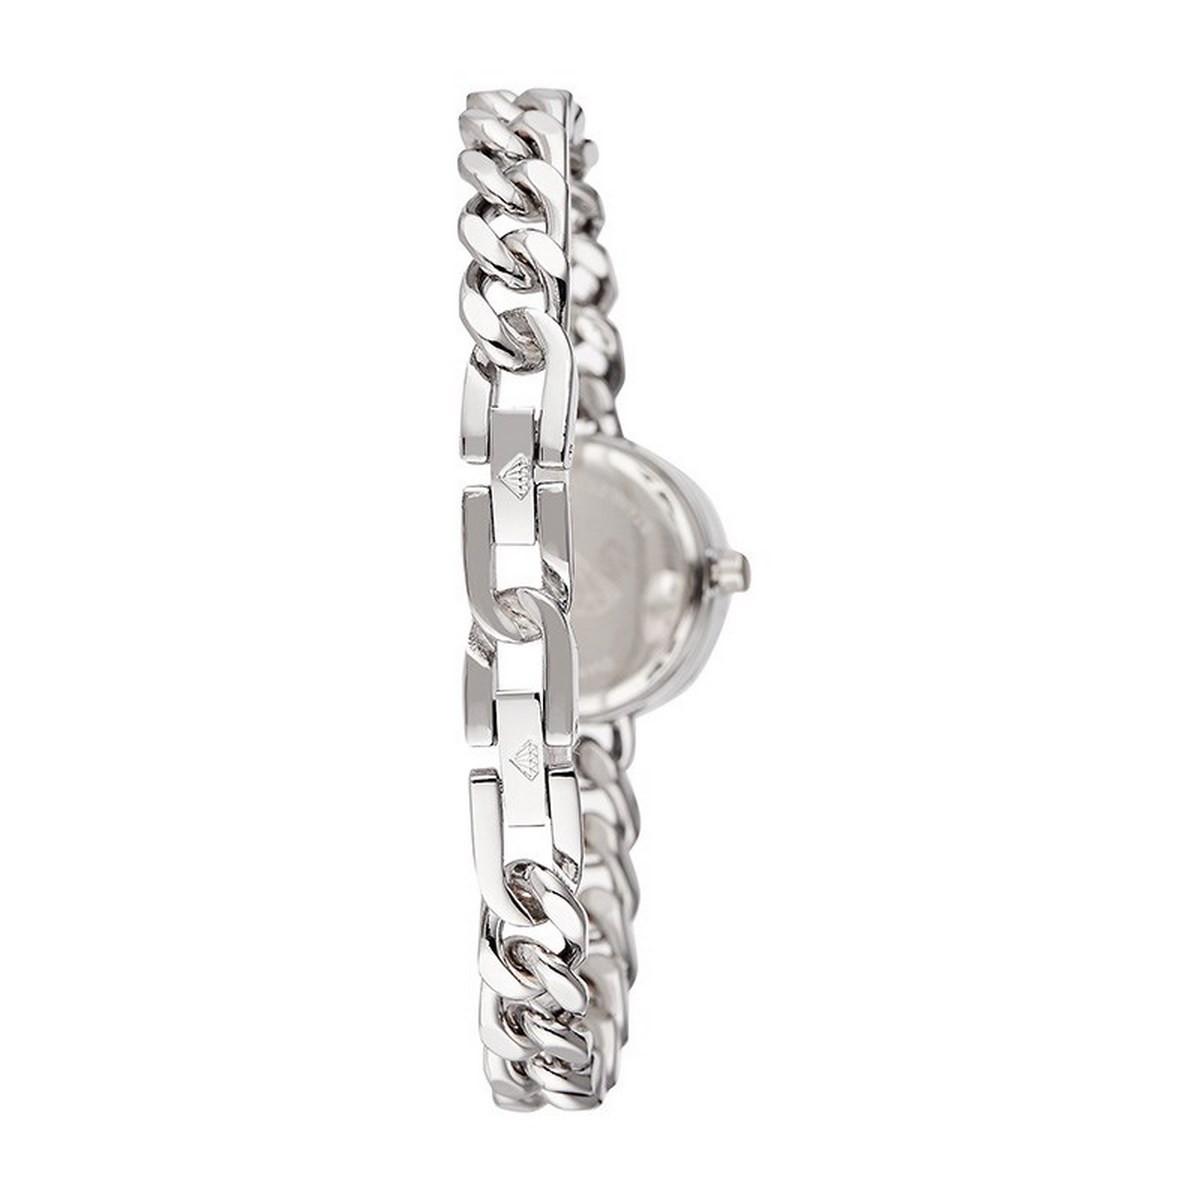 Montre Femme Kate Diamants 0,012 carats - Cadran noir Bracelet métal argenté